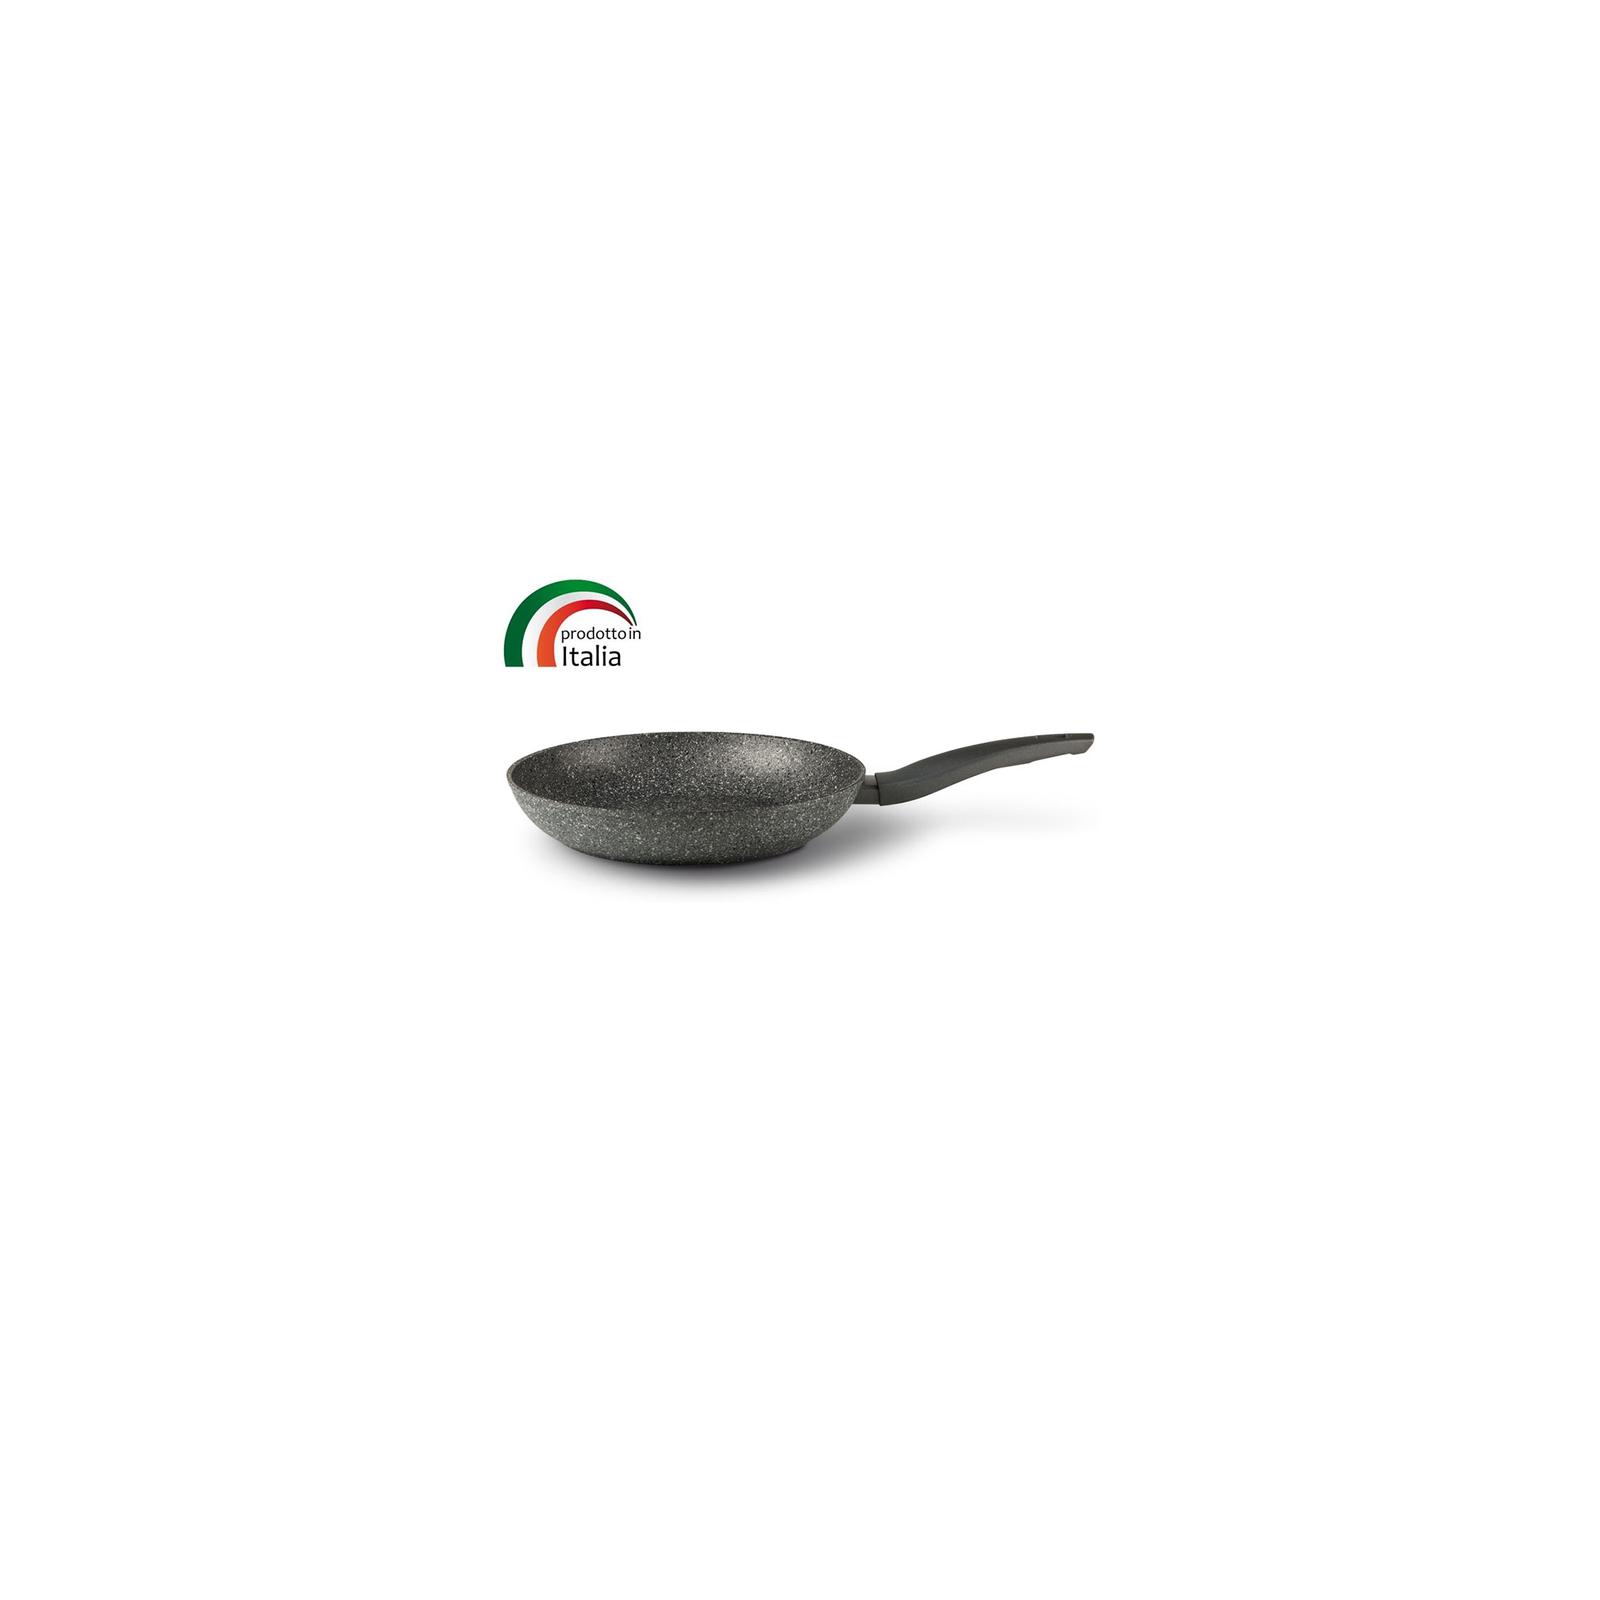 Сковорода TVS Mineralia induction 20 см (BS279202910201)